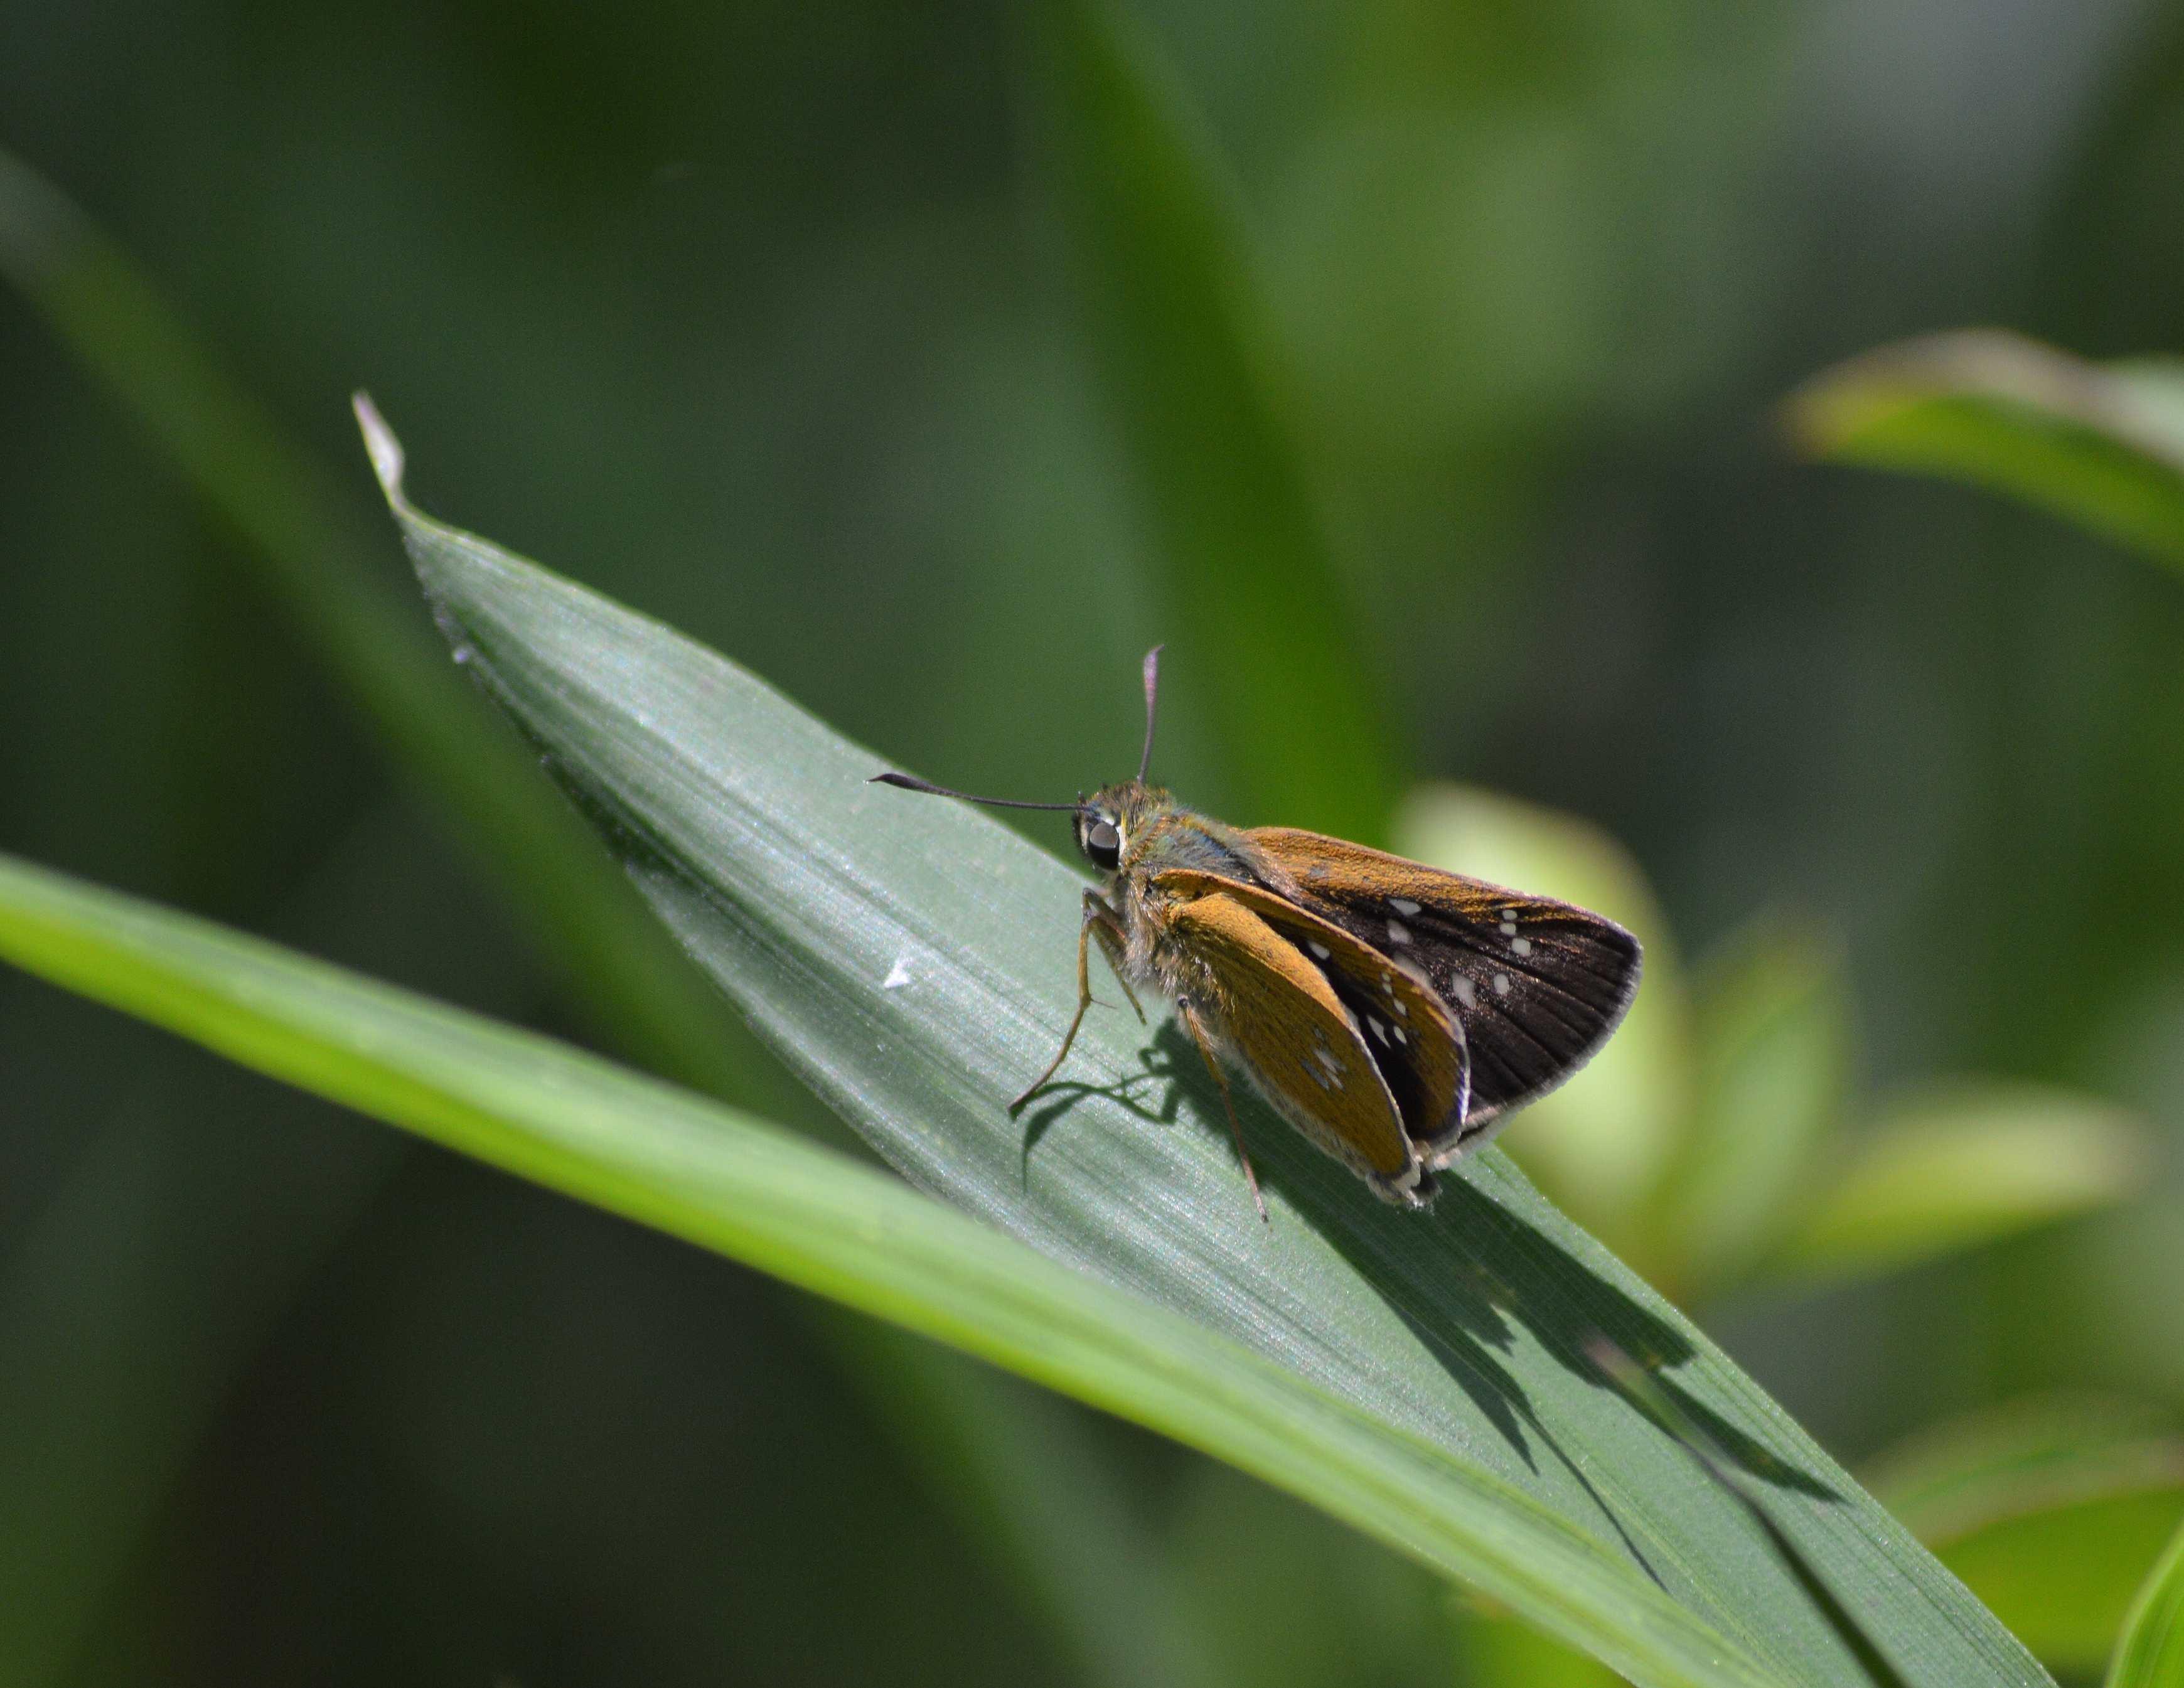 オオチャバネセセリ他 6月13日に撮影したセセリ4種_d0254540_15291033.jpg